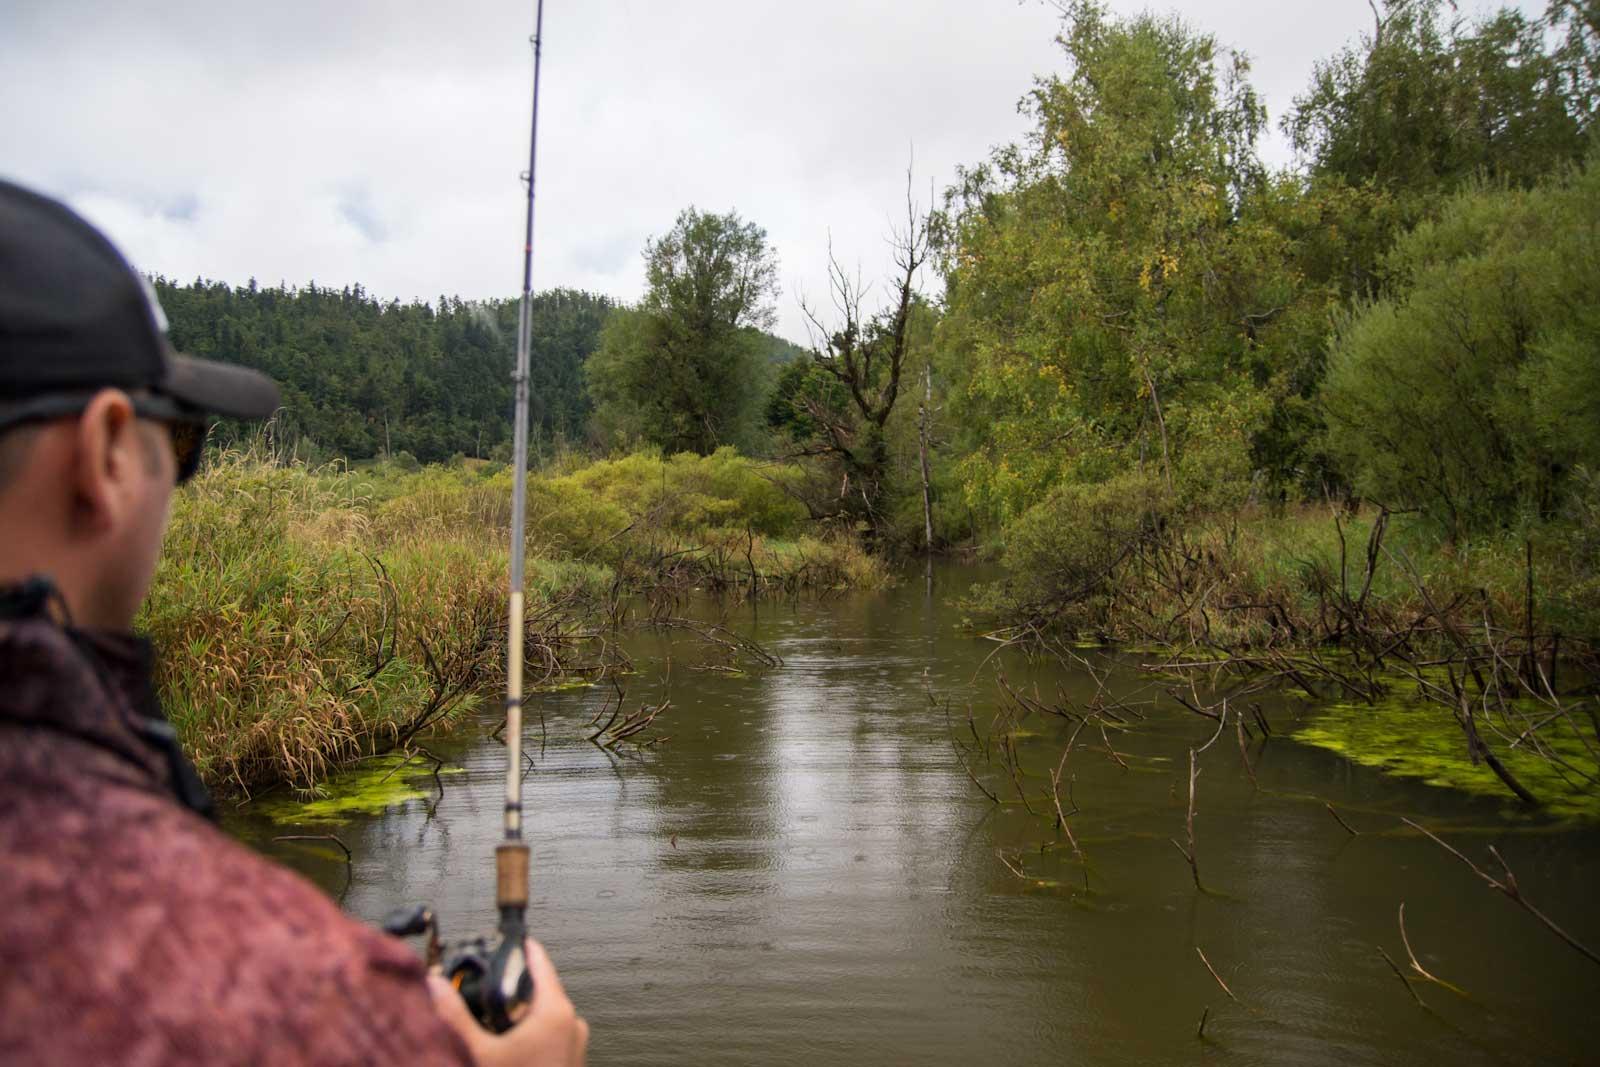 Hier riecht es nach Fisch! Das Hechtangeln mit dem Texas-Rig ist an solchen Gewässern die perfekte Methode, um hängerfrei fischen zu können. Foto: D.Vignjevic